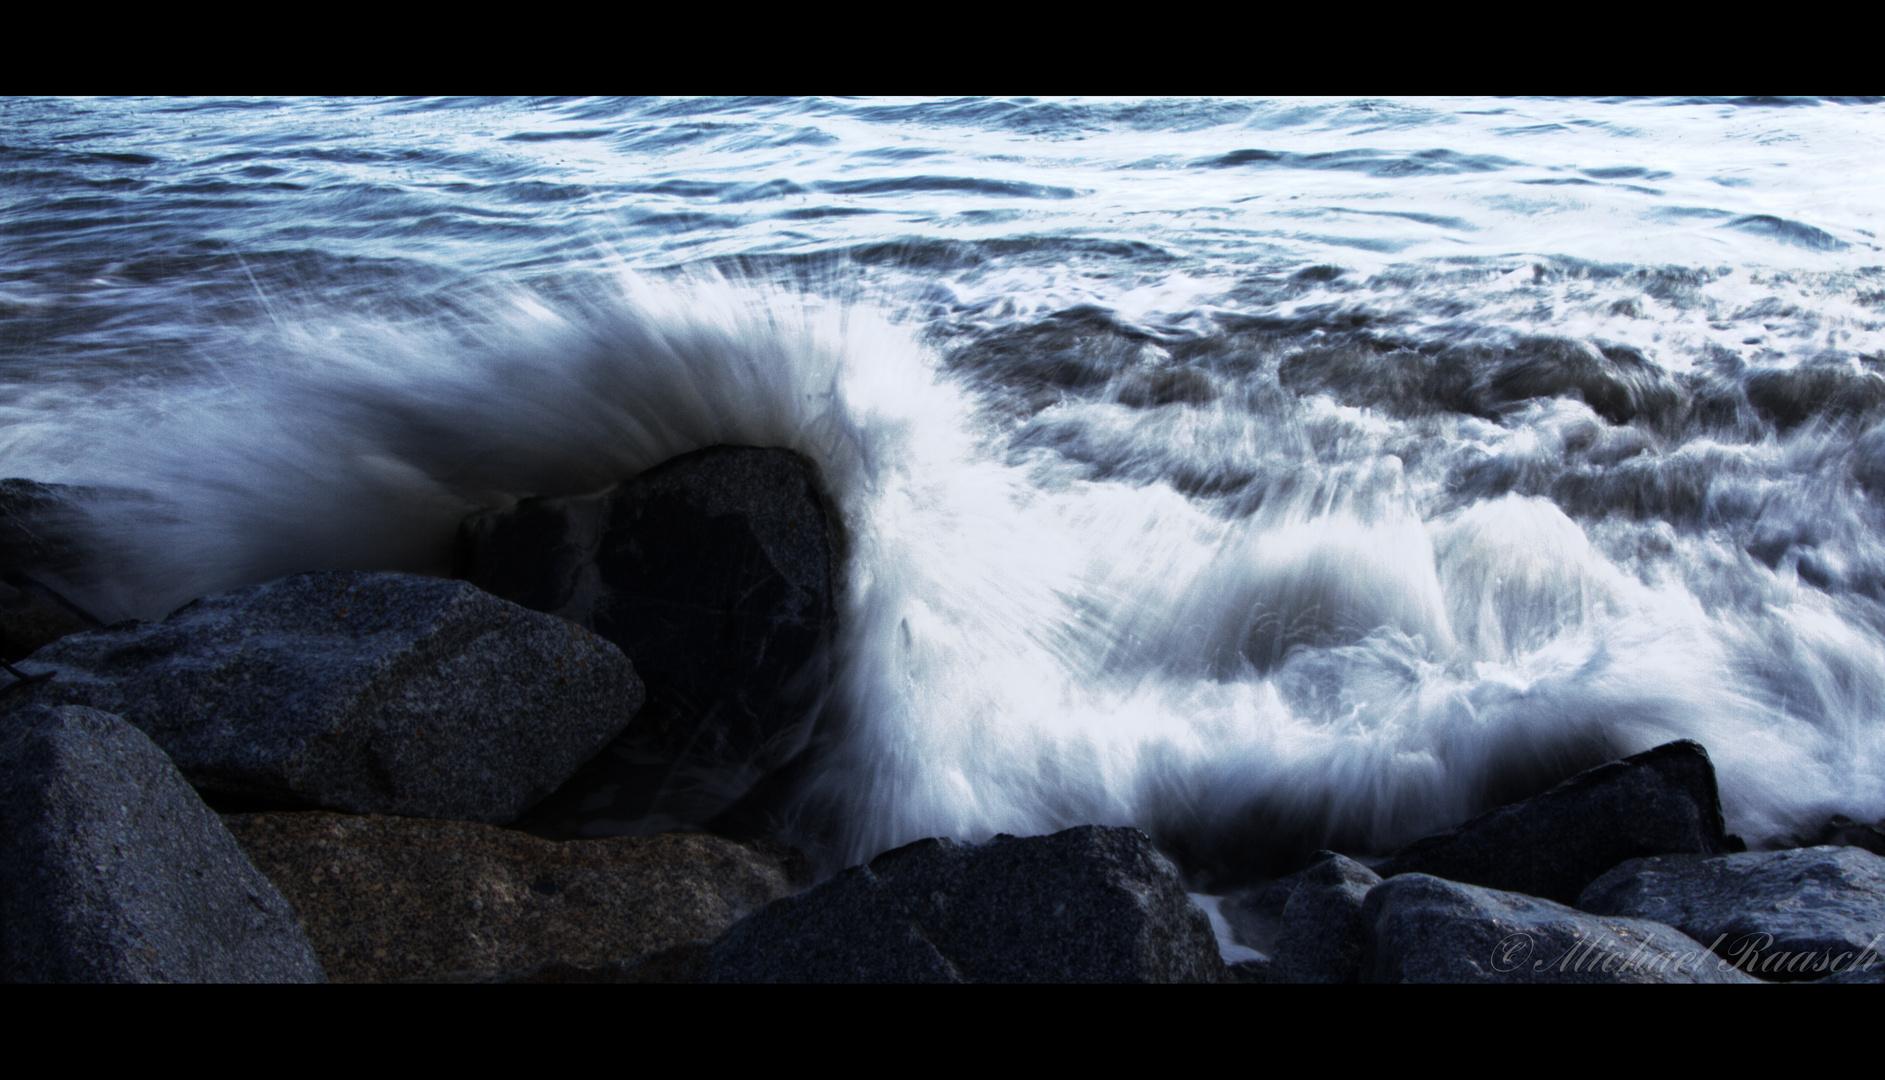 Welle trifft Stein